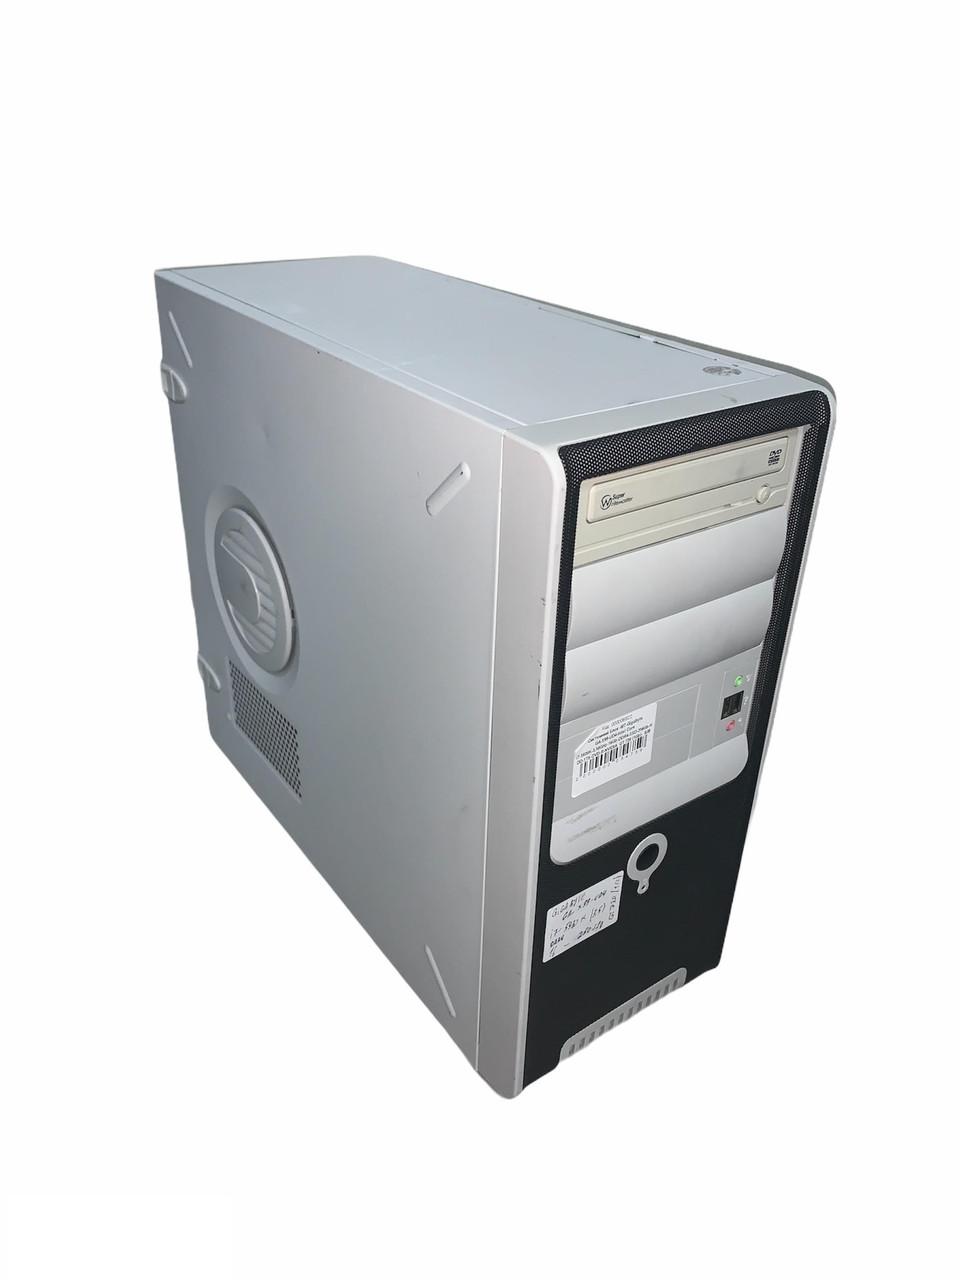 Системный блок-MT-Gigabyte GA-X99-UD4-Intel Core i7-5920K-3,50GHz-16Gb-DDR4-SSD-256Gb-HDD-1Tb-DVD-R-NVIDIA  GT